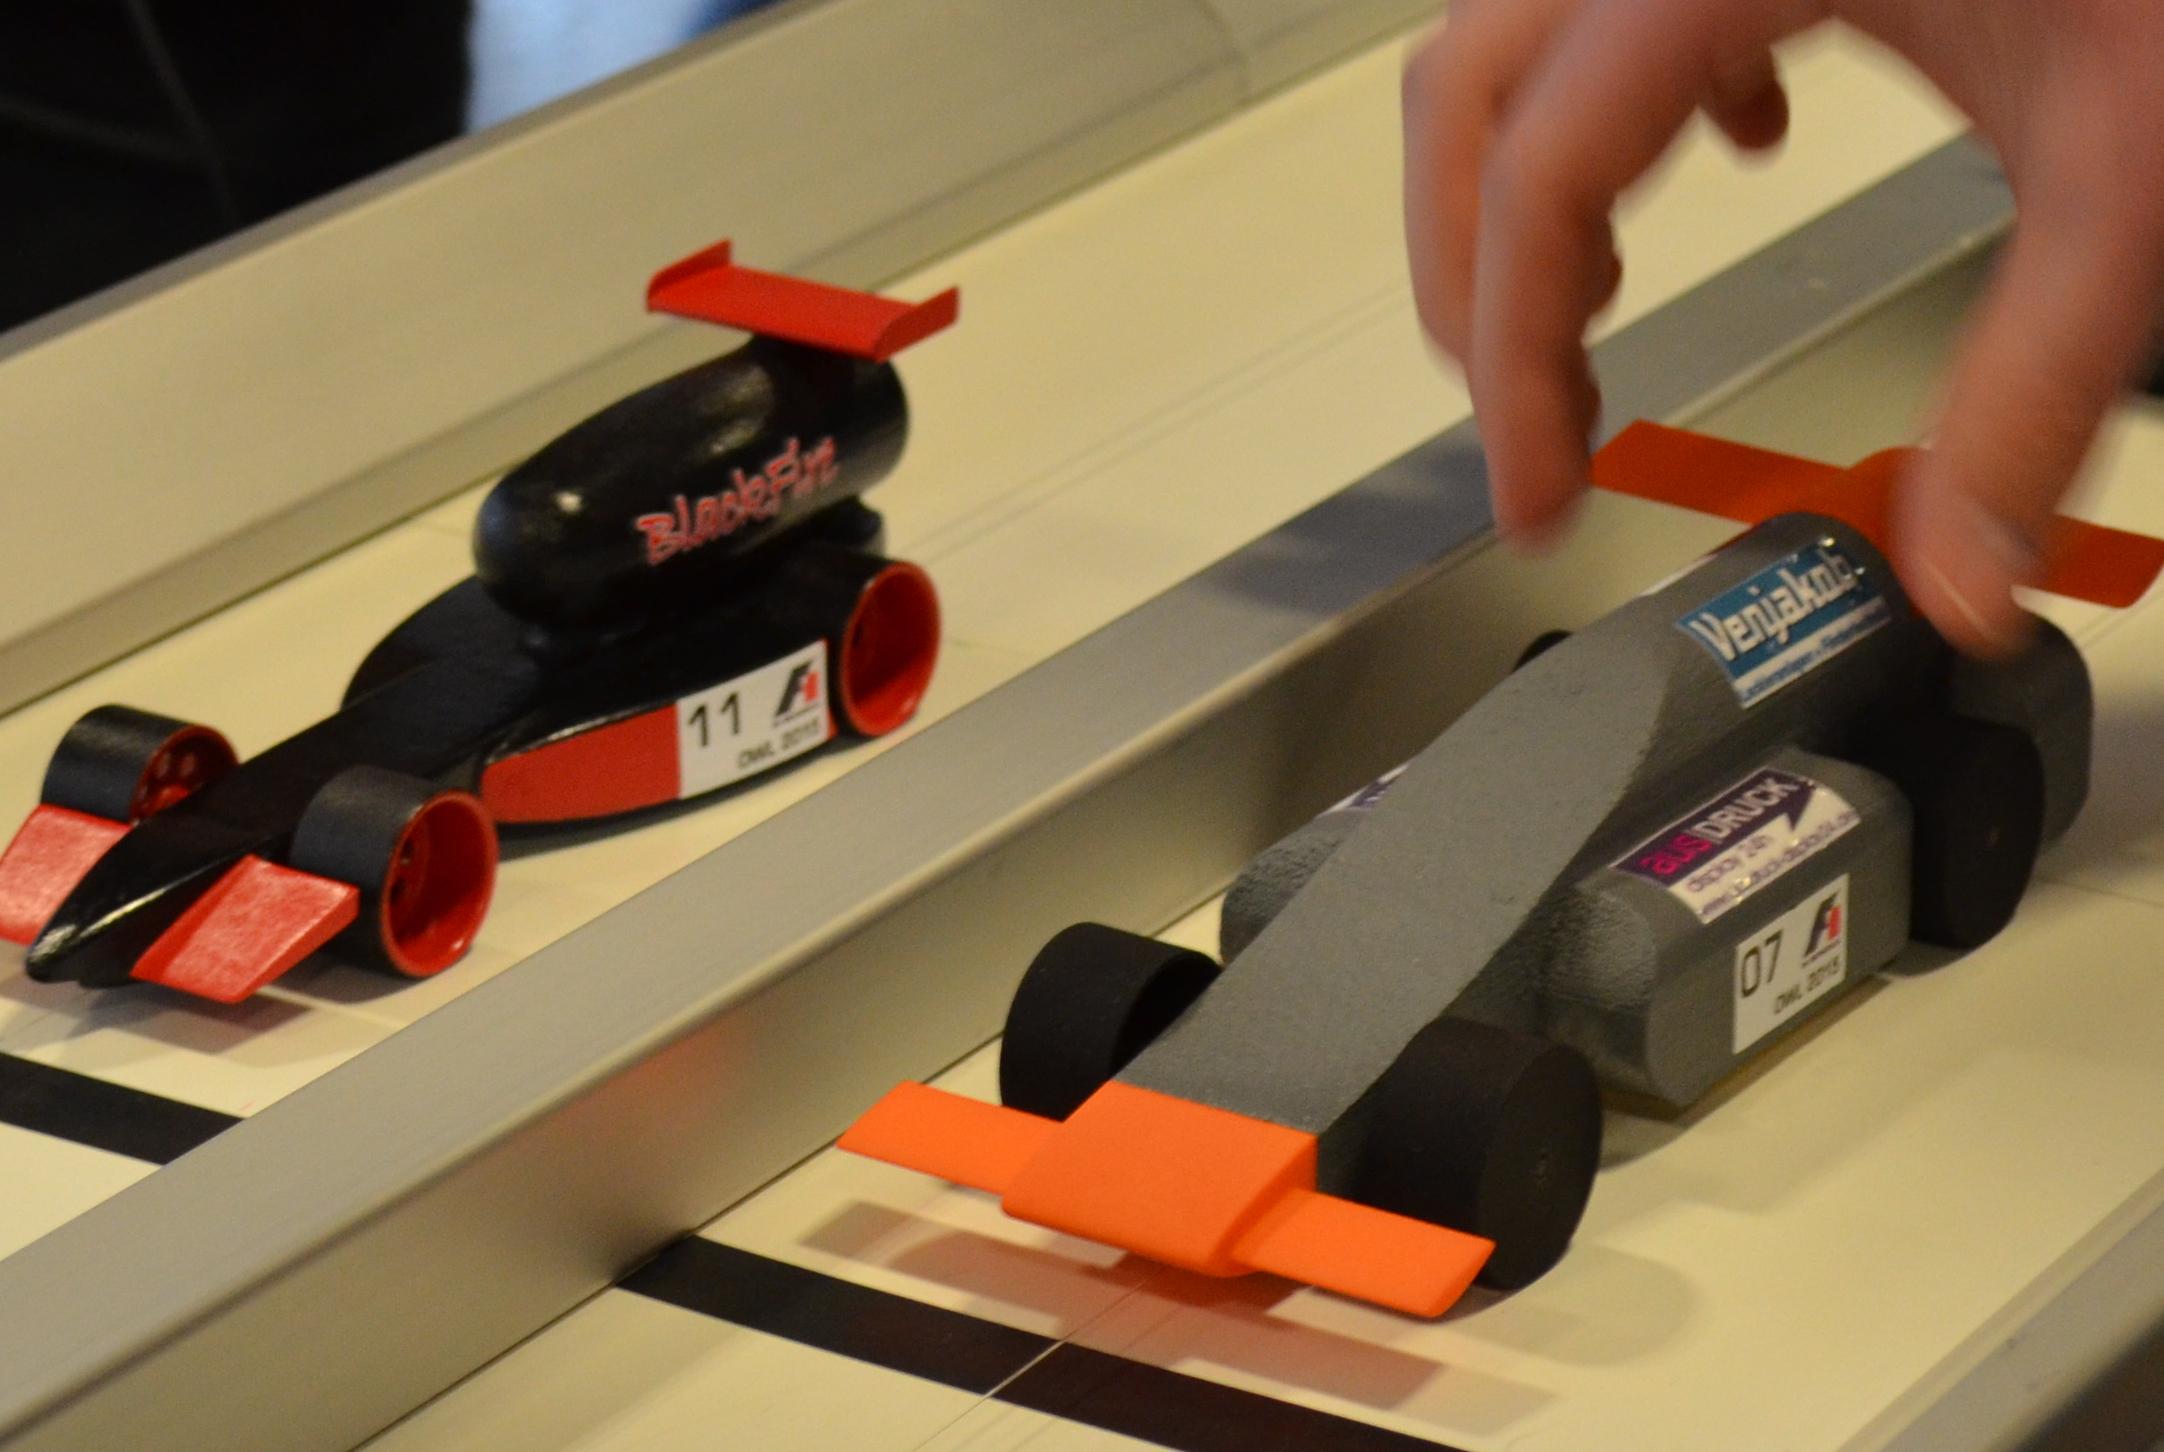 Formel 1 – Rennwagen konstruieren wie die Profis – neuer Kurs